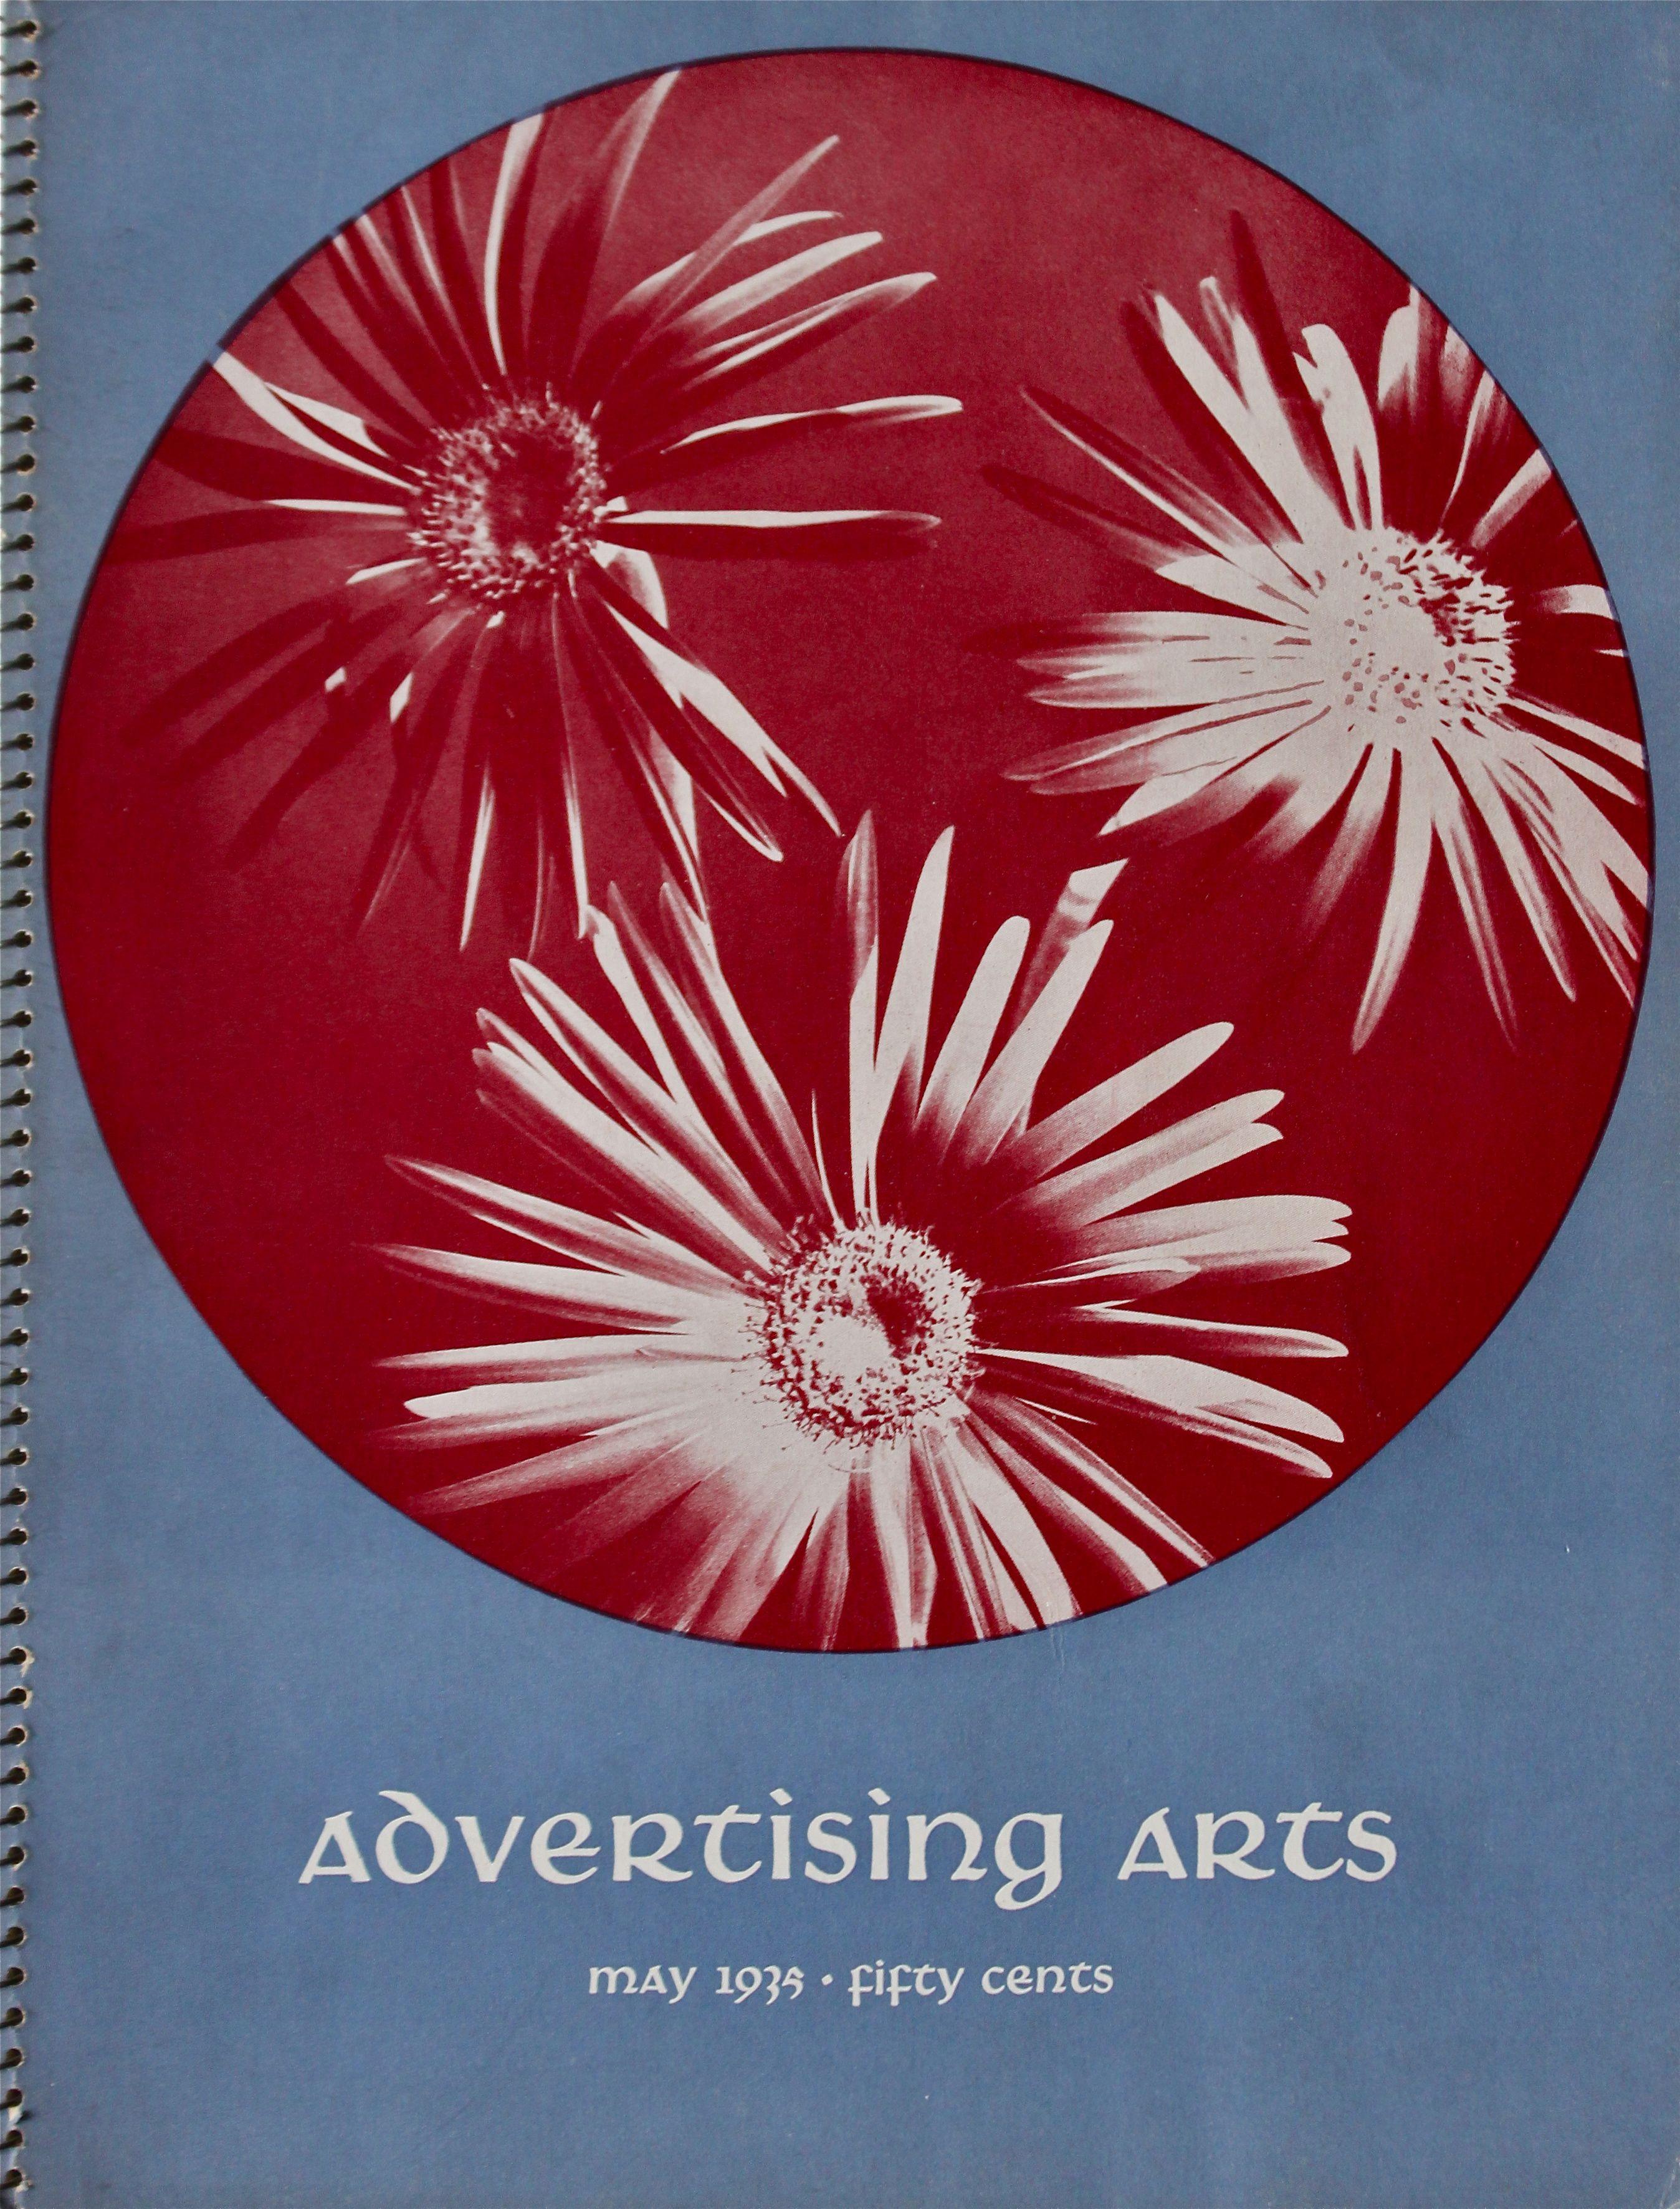 N.G.H., Salter, in: Advertising Arts, H.3 (1935), S. 34-36